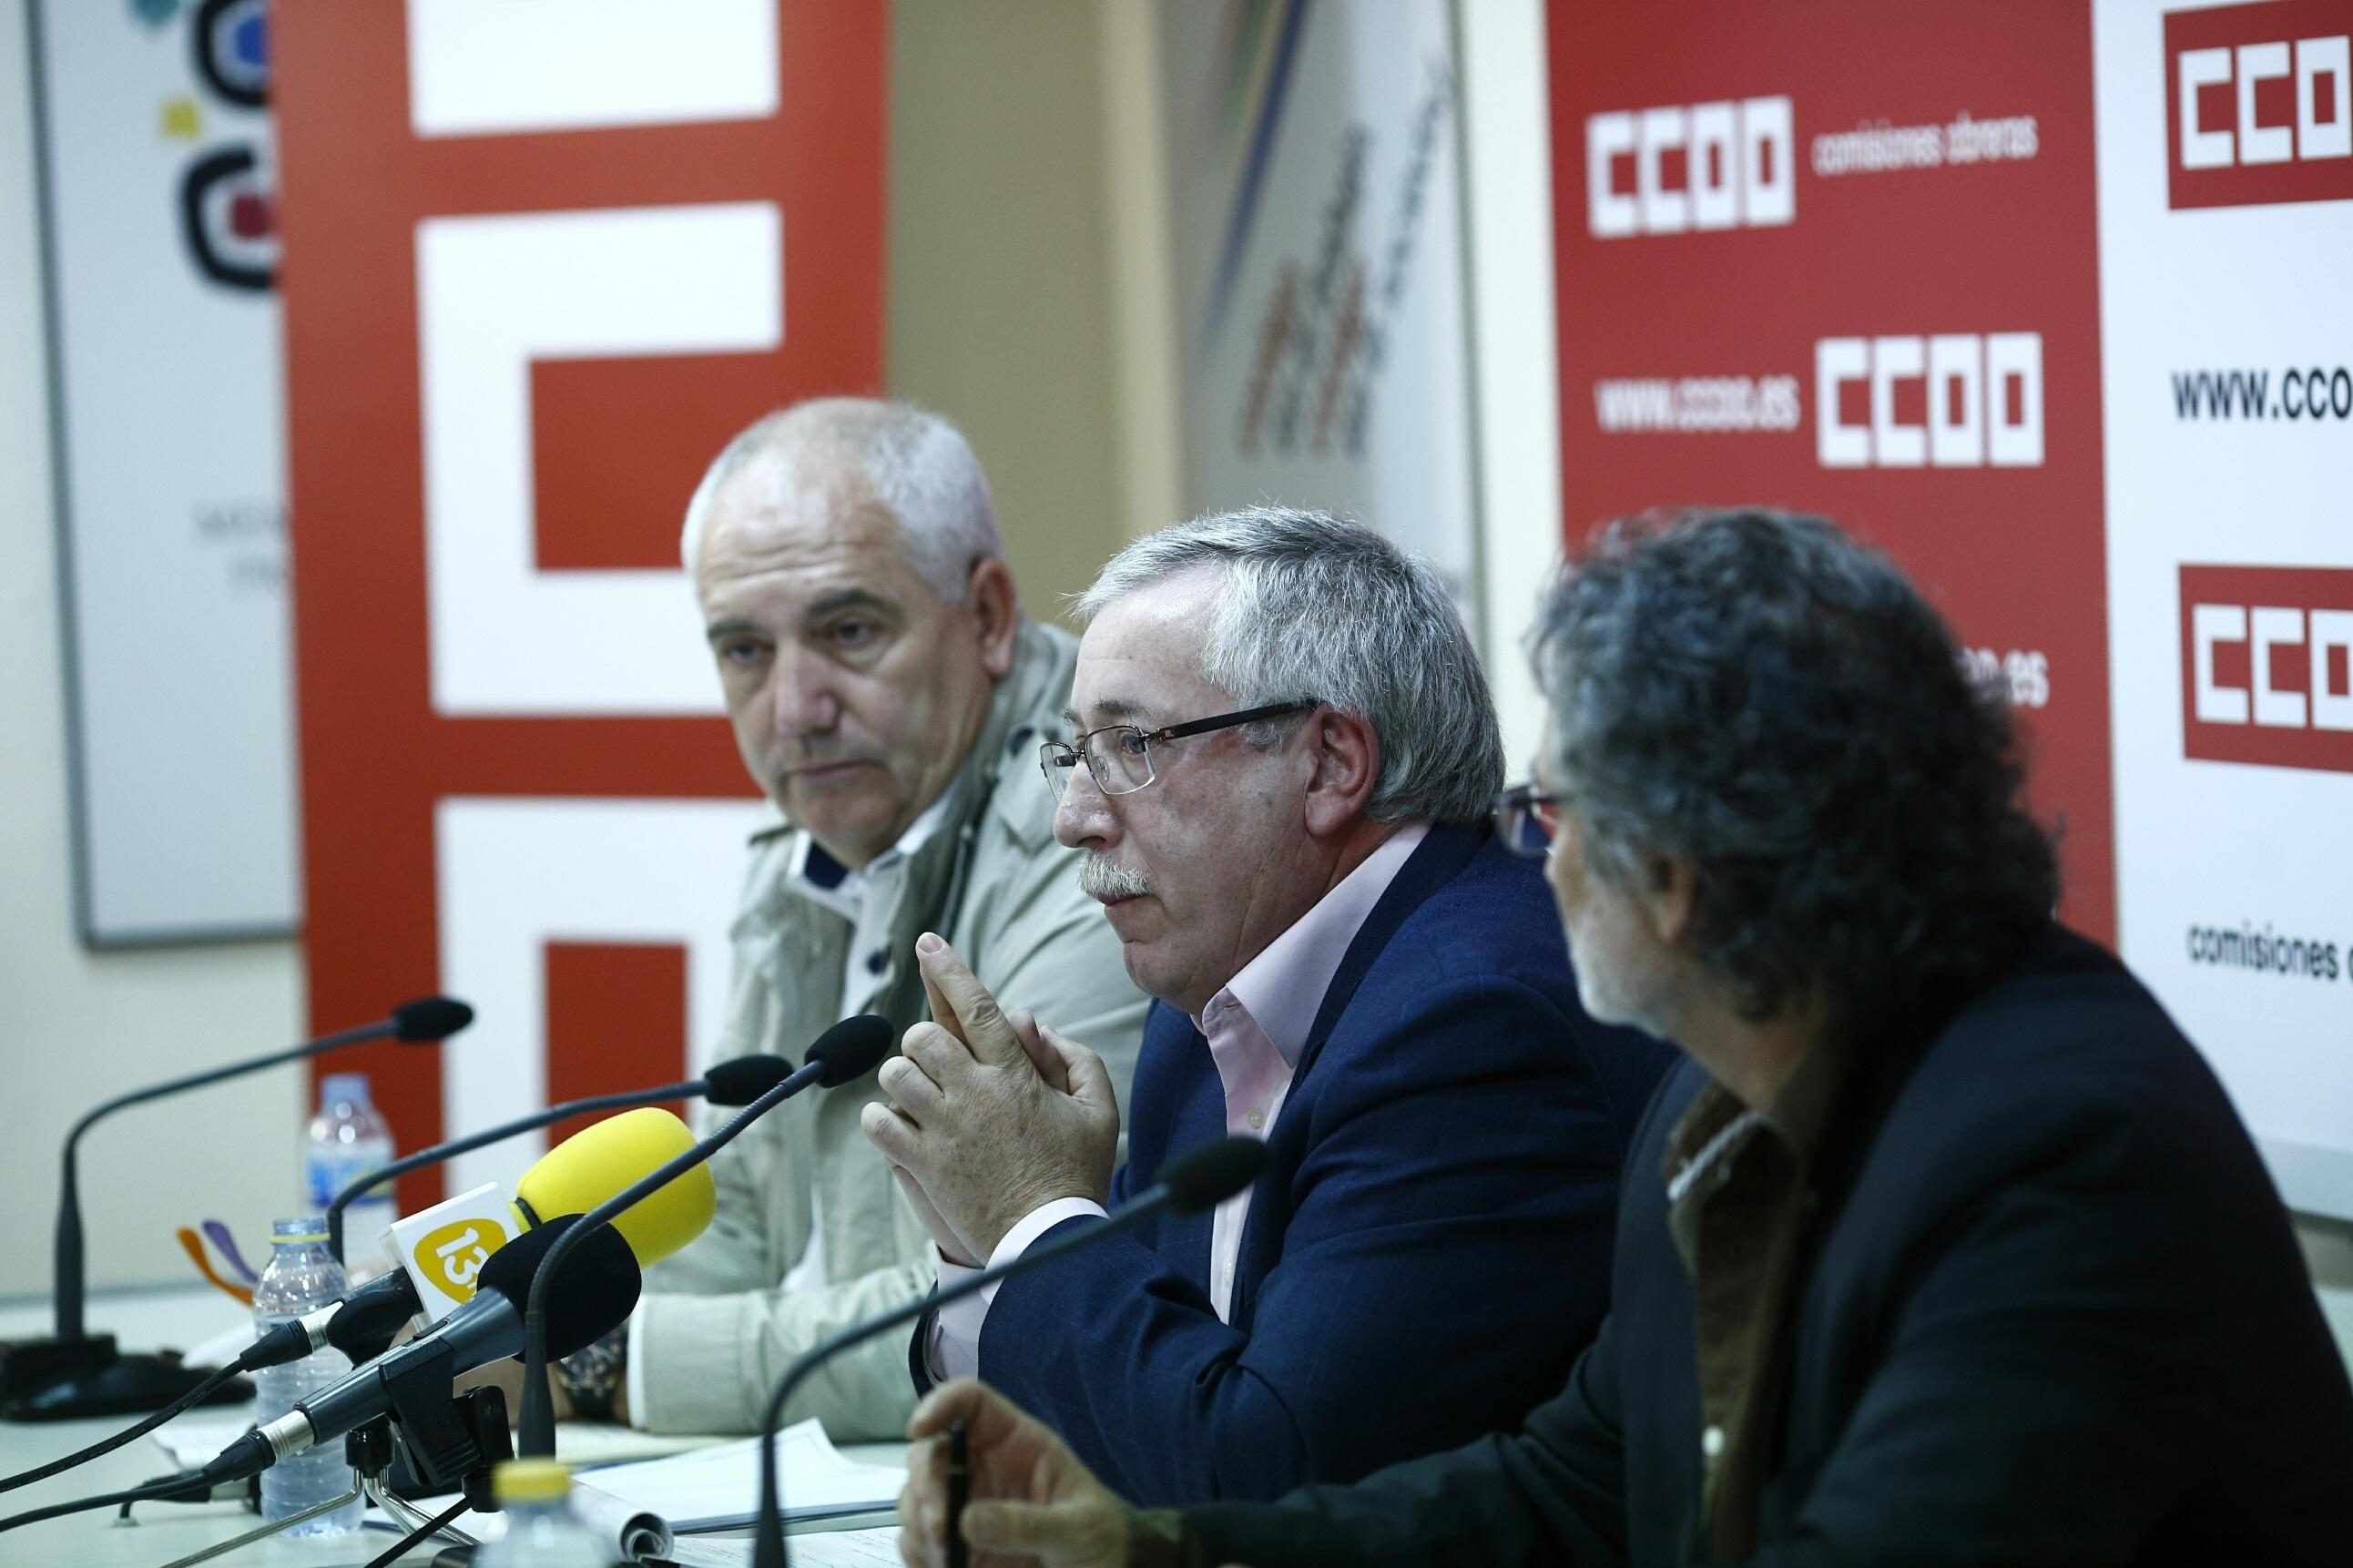 CCOO admite una facturación «manifiestamente mejorable» pero niega estar en los ERE